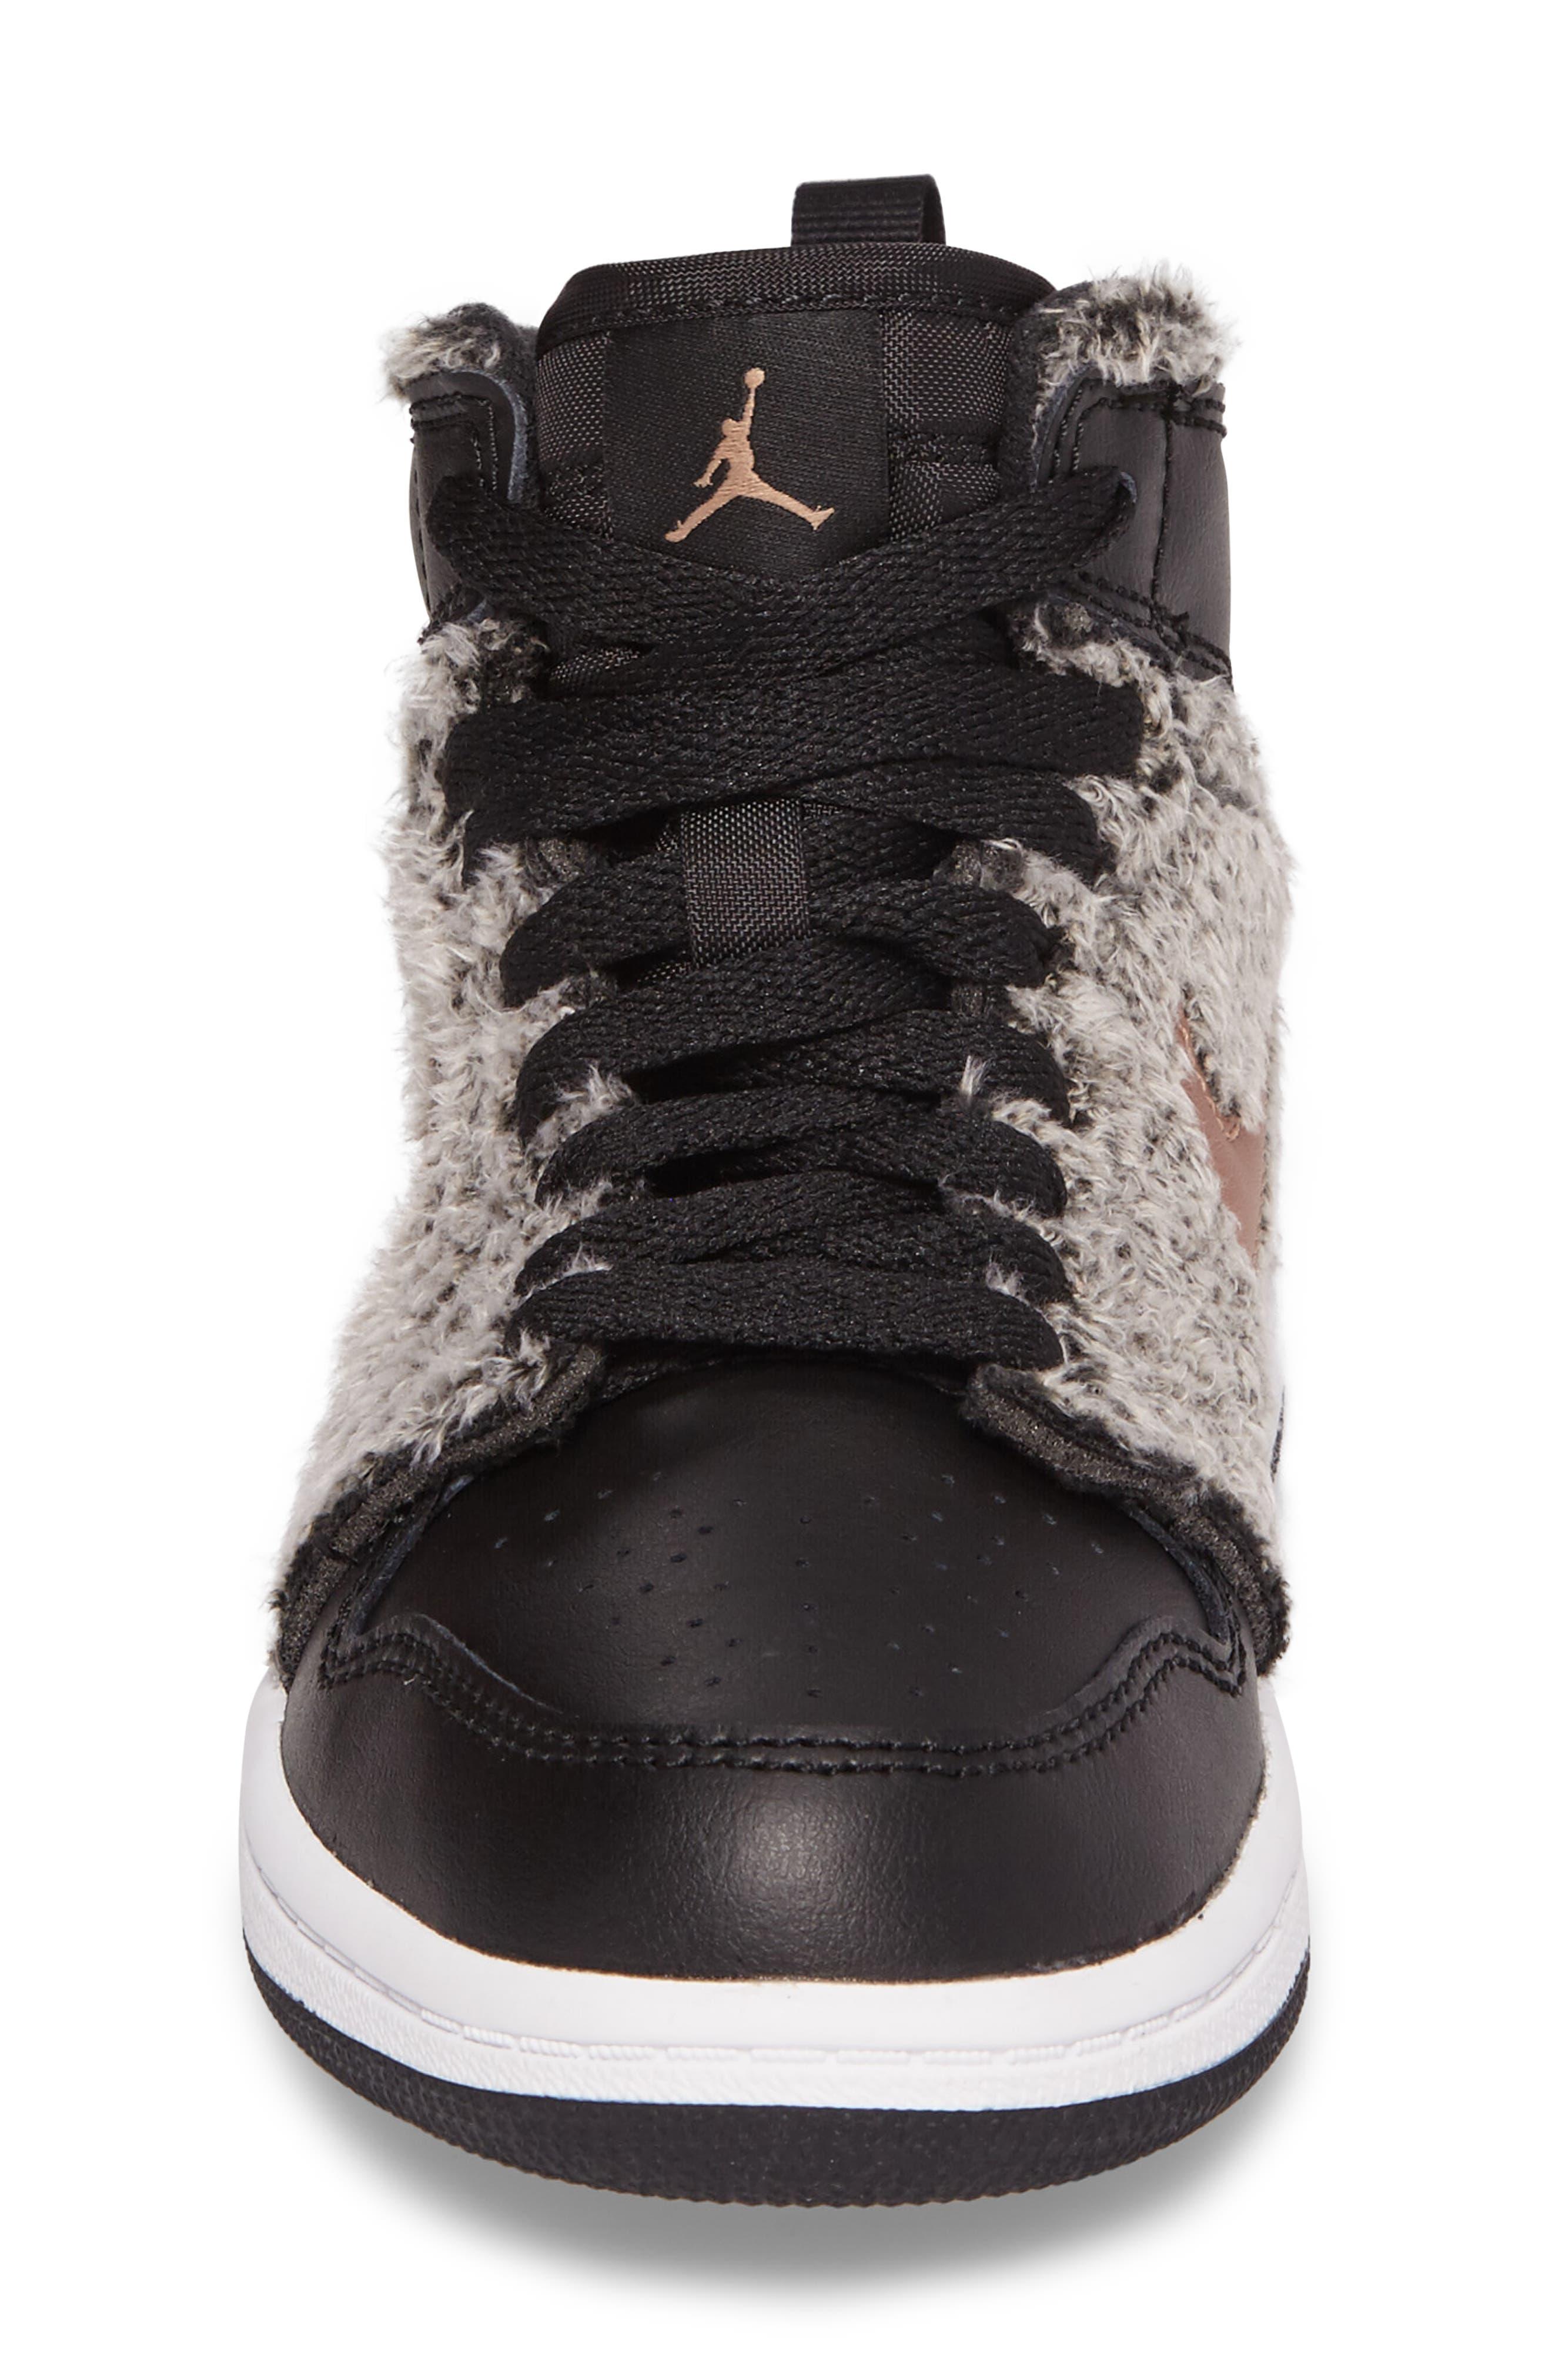 Nike Air Jordan 1 Retro Faux Fur High Top Sneaker,                             Alternate thumbnail 4, color,                             001